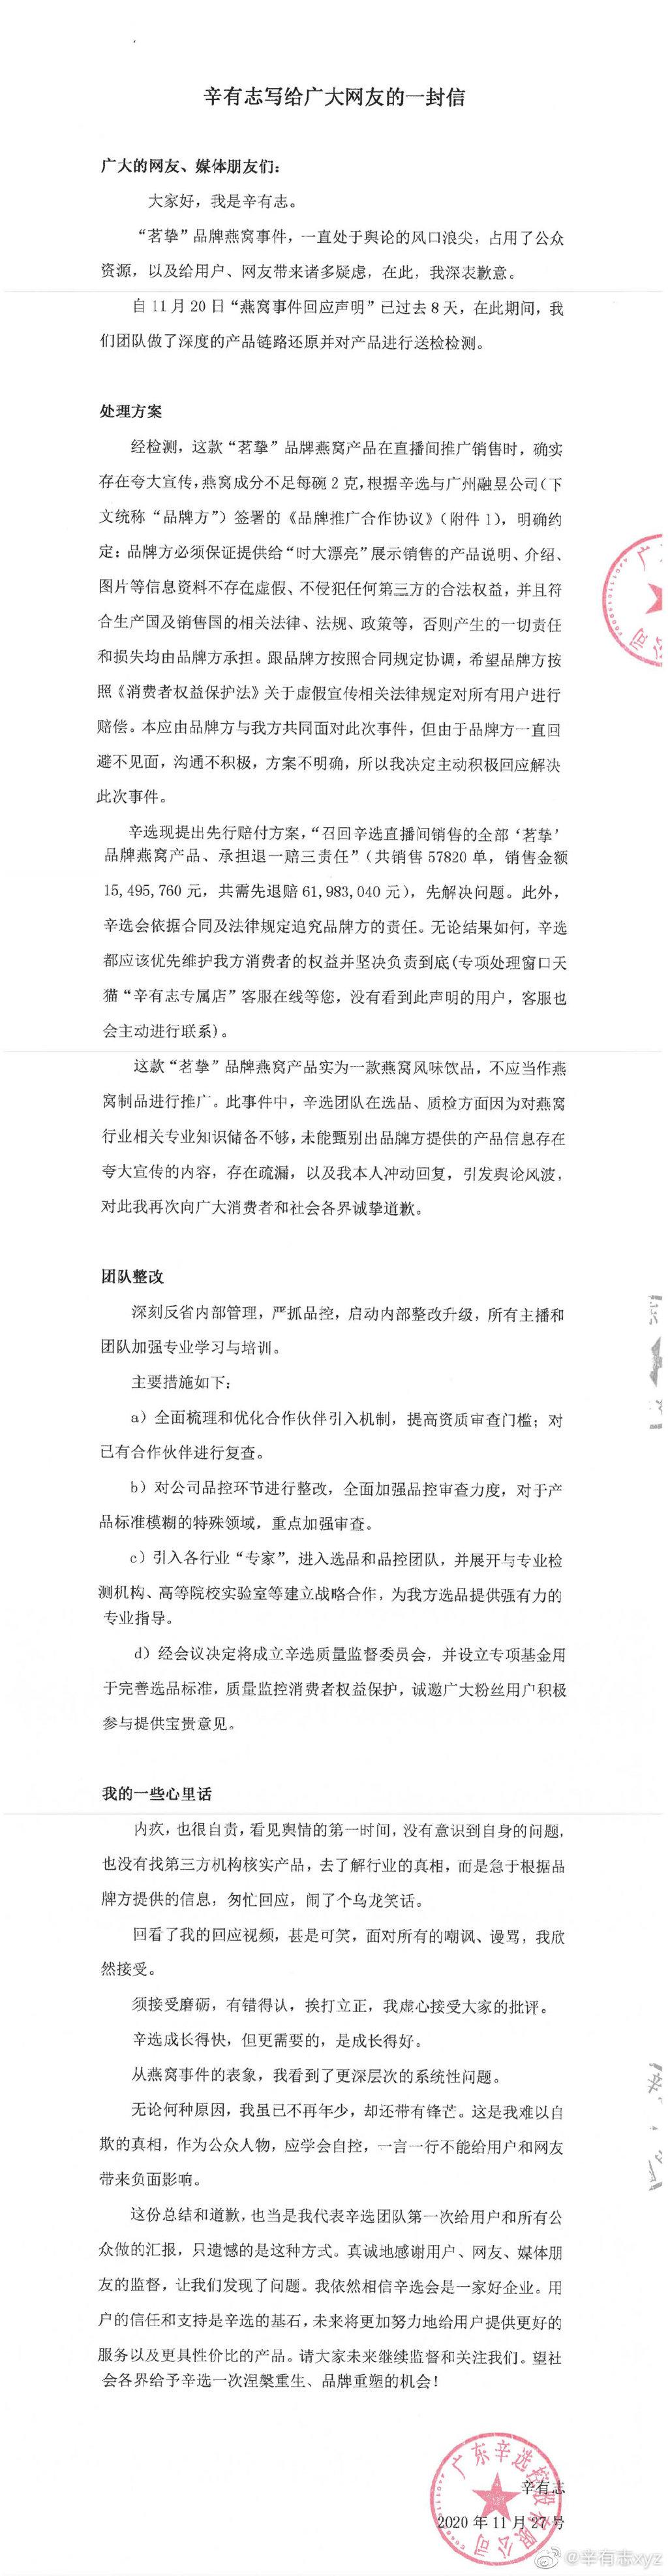 辛巴就燕窝事件道歉:承认夸大宣传,退赔6200万元!